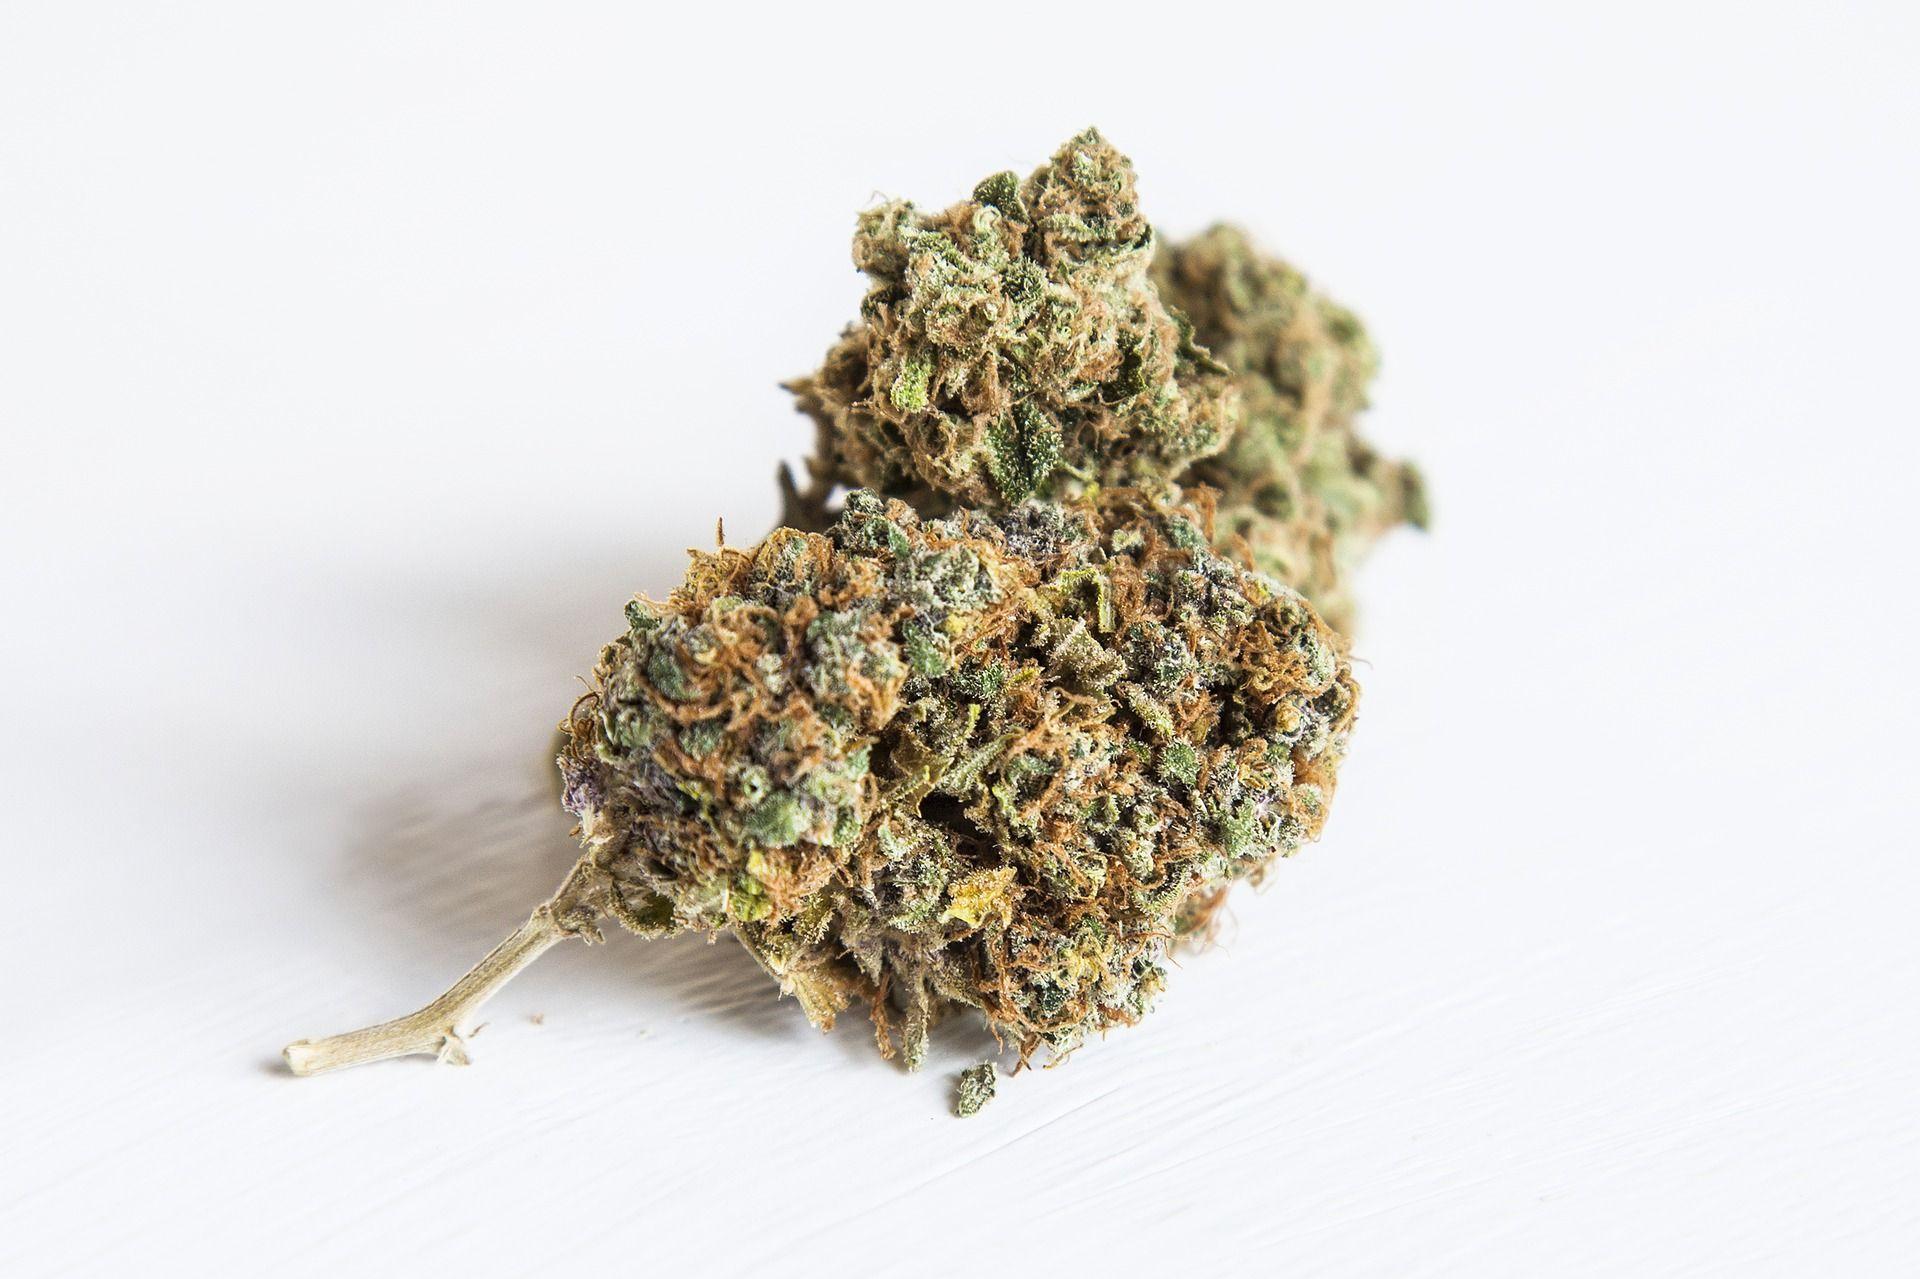 The Top 5 Marijuana Jobs You Can Have